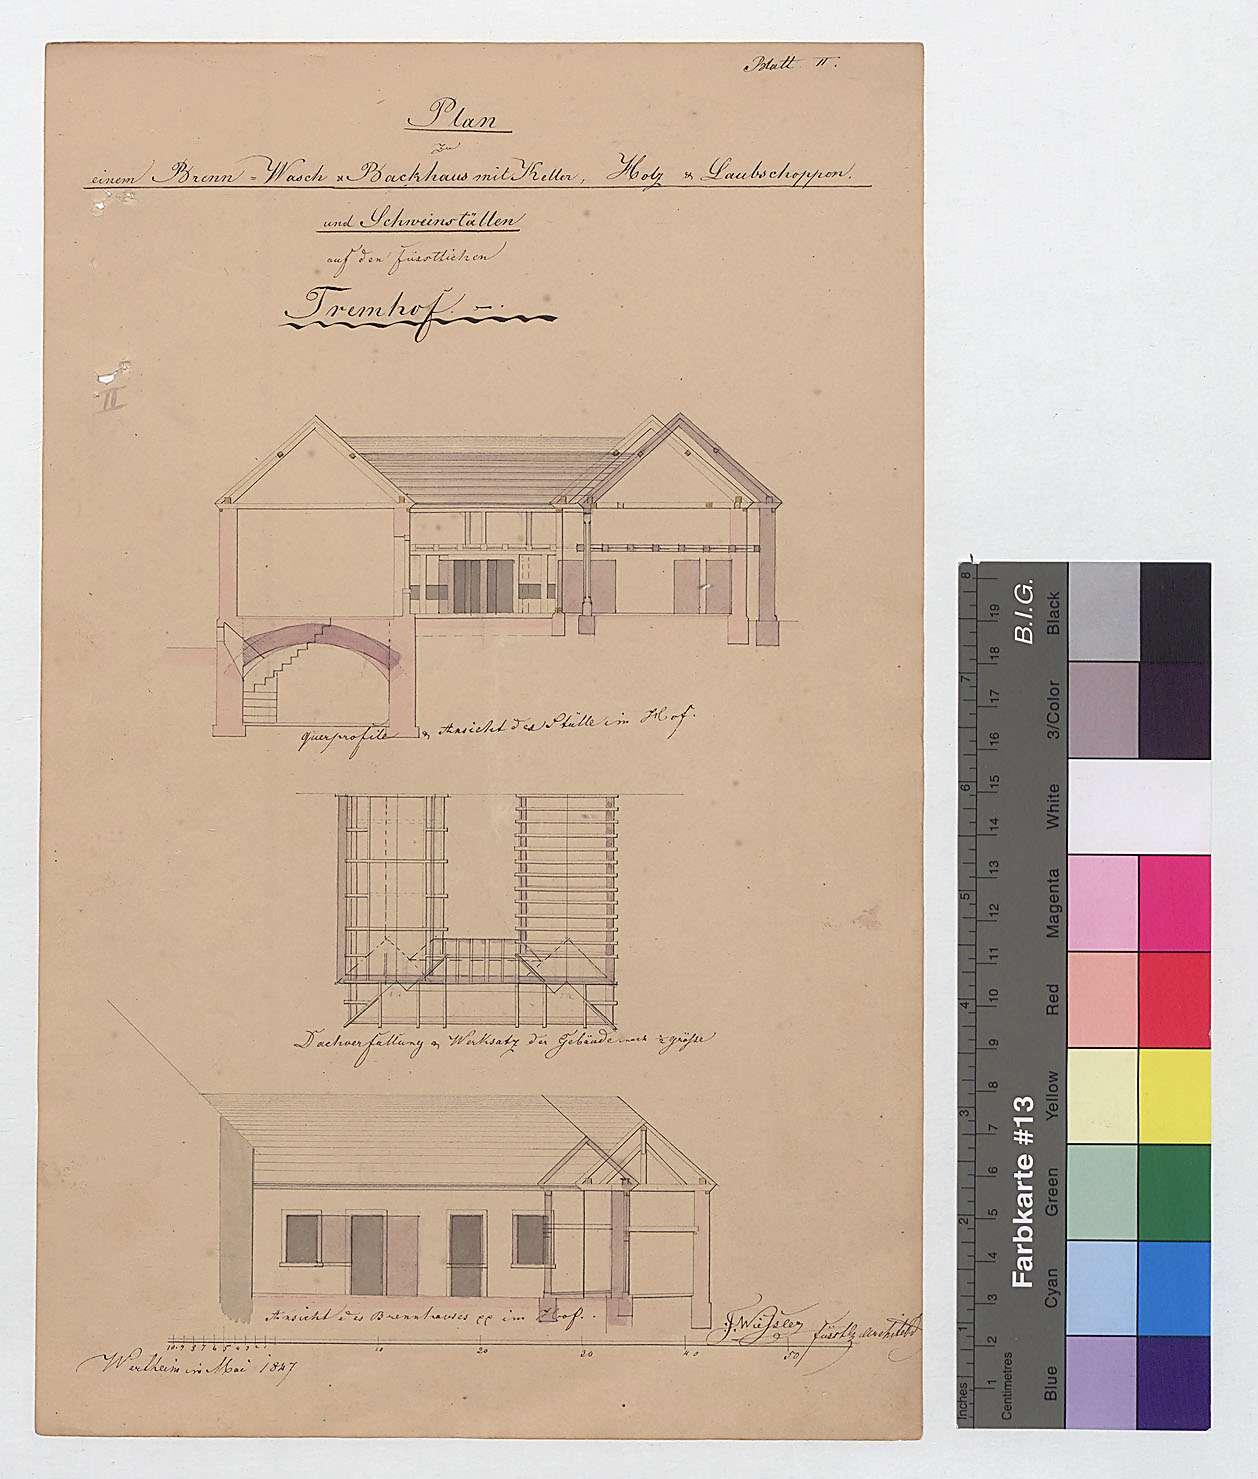 Brenn-, Wasch- und Backhaus mit Keller, Holz- und Laubschuppen und Schweineställen auf dem Tremhof (Blatt II), Bild 1